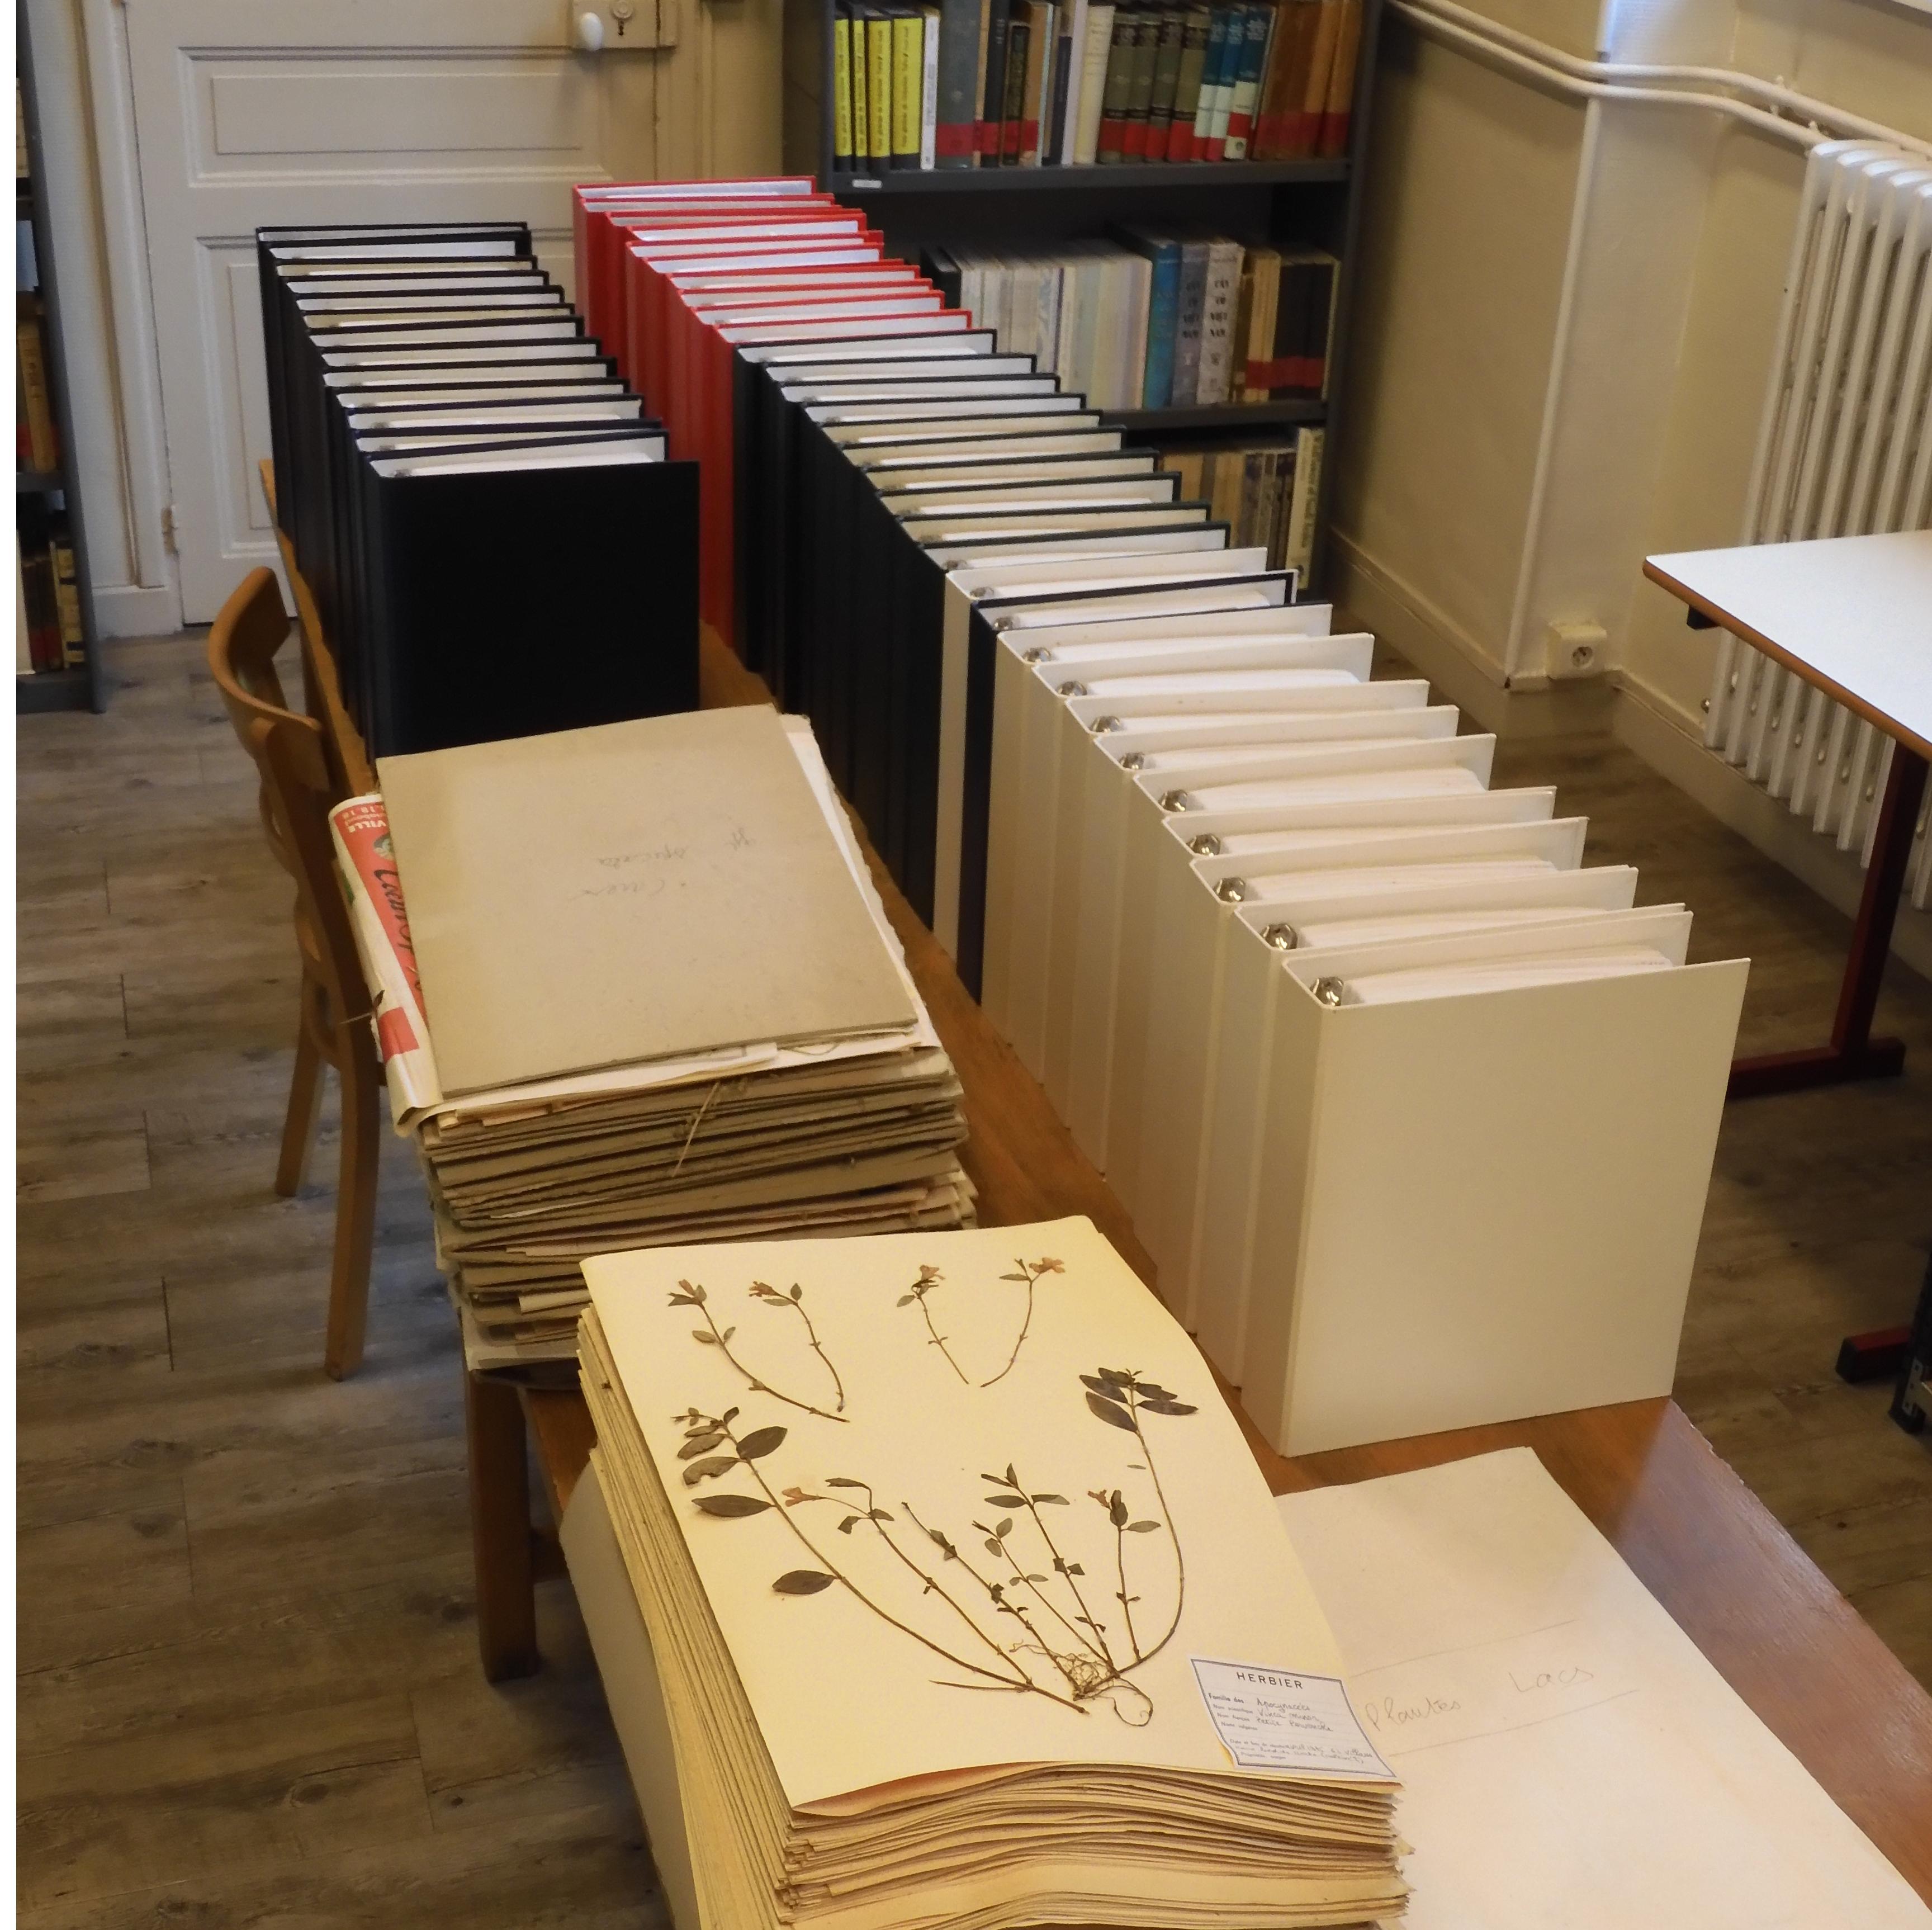 Herbier Lamaison à la bibliothèque d'UniVEgE